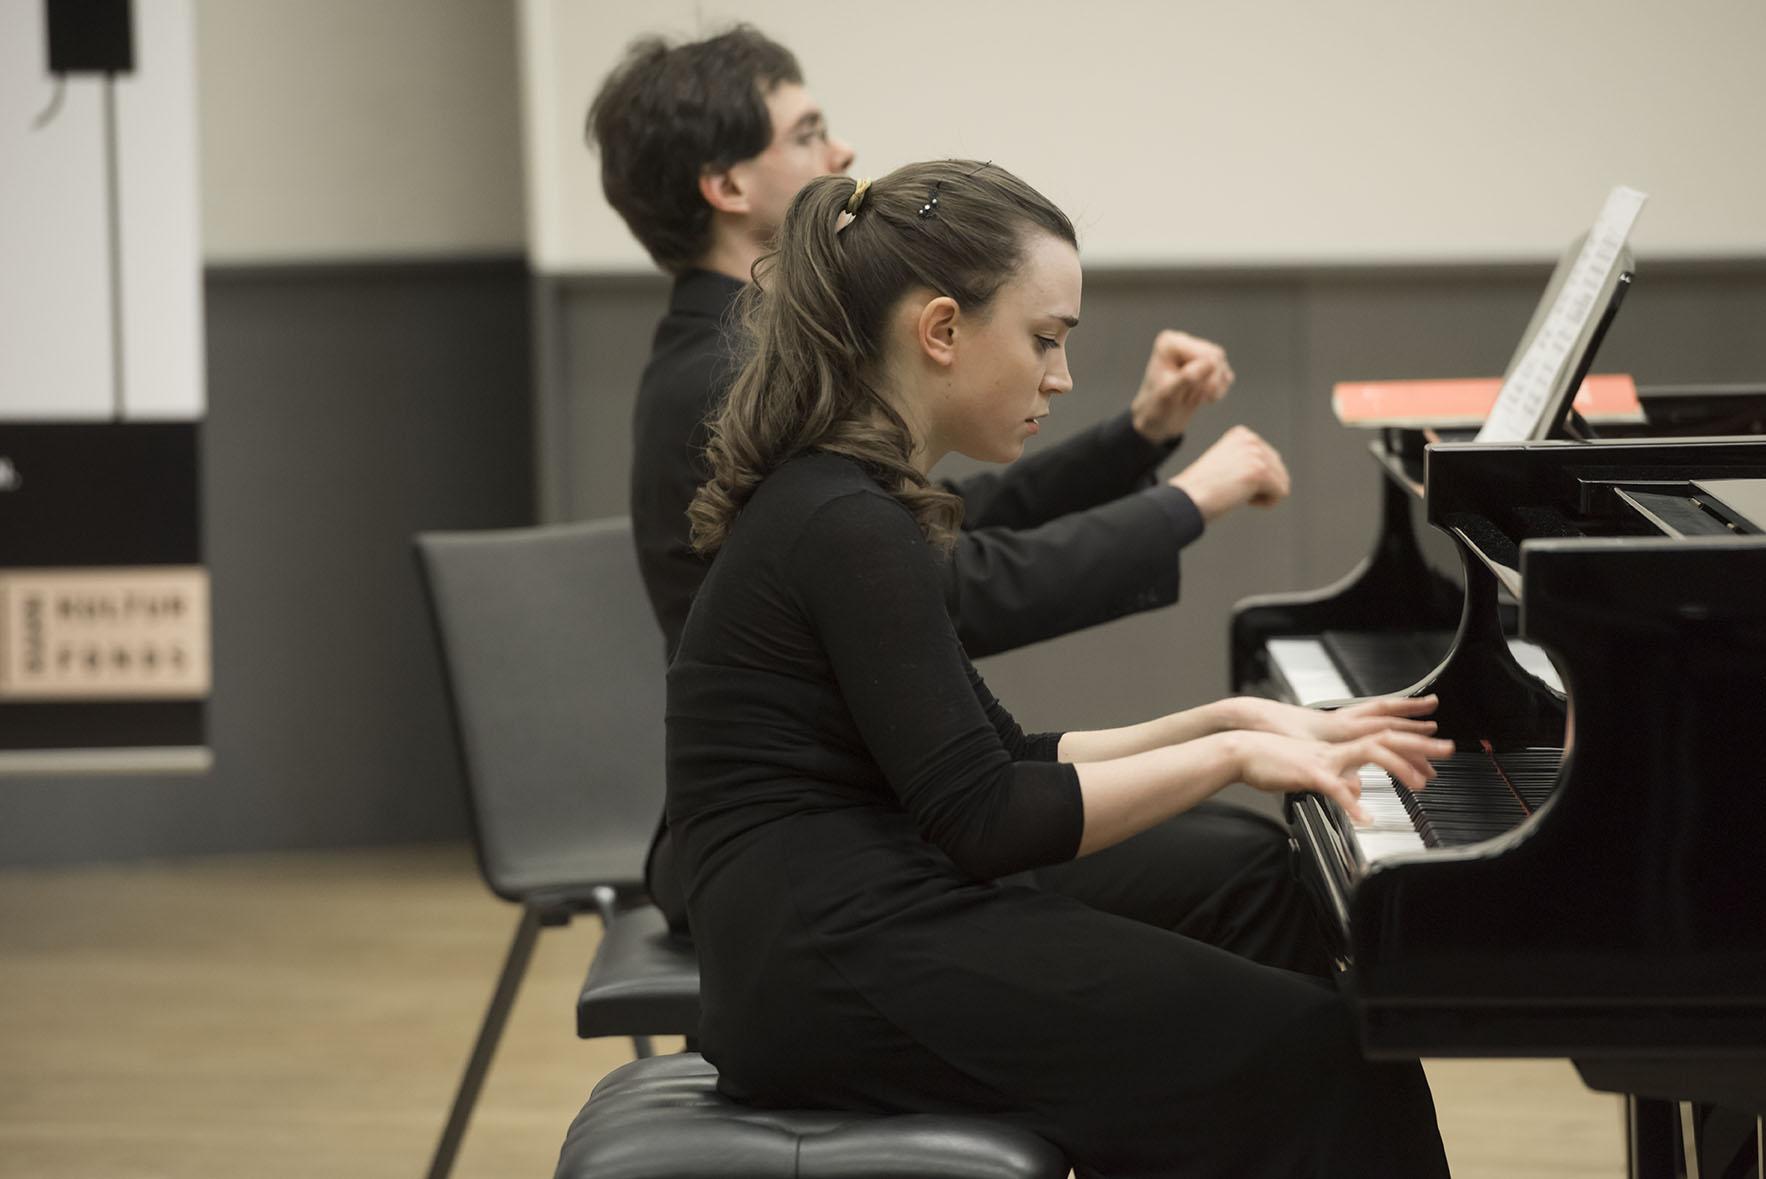 Rahn Musikpreis 2016 Finalrunde im ZKO Haus, Chiara Opalio gewann den ersten Preis